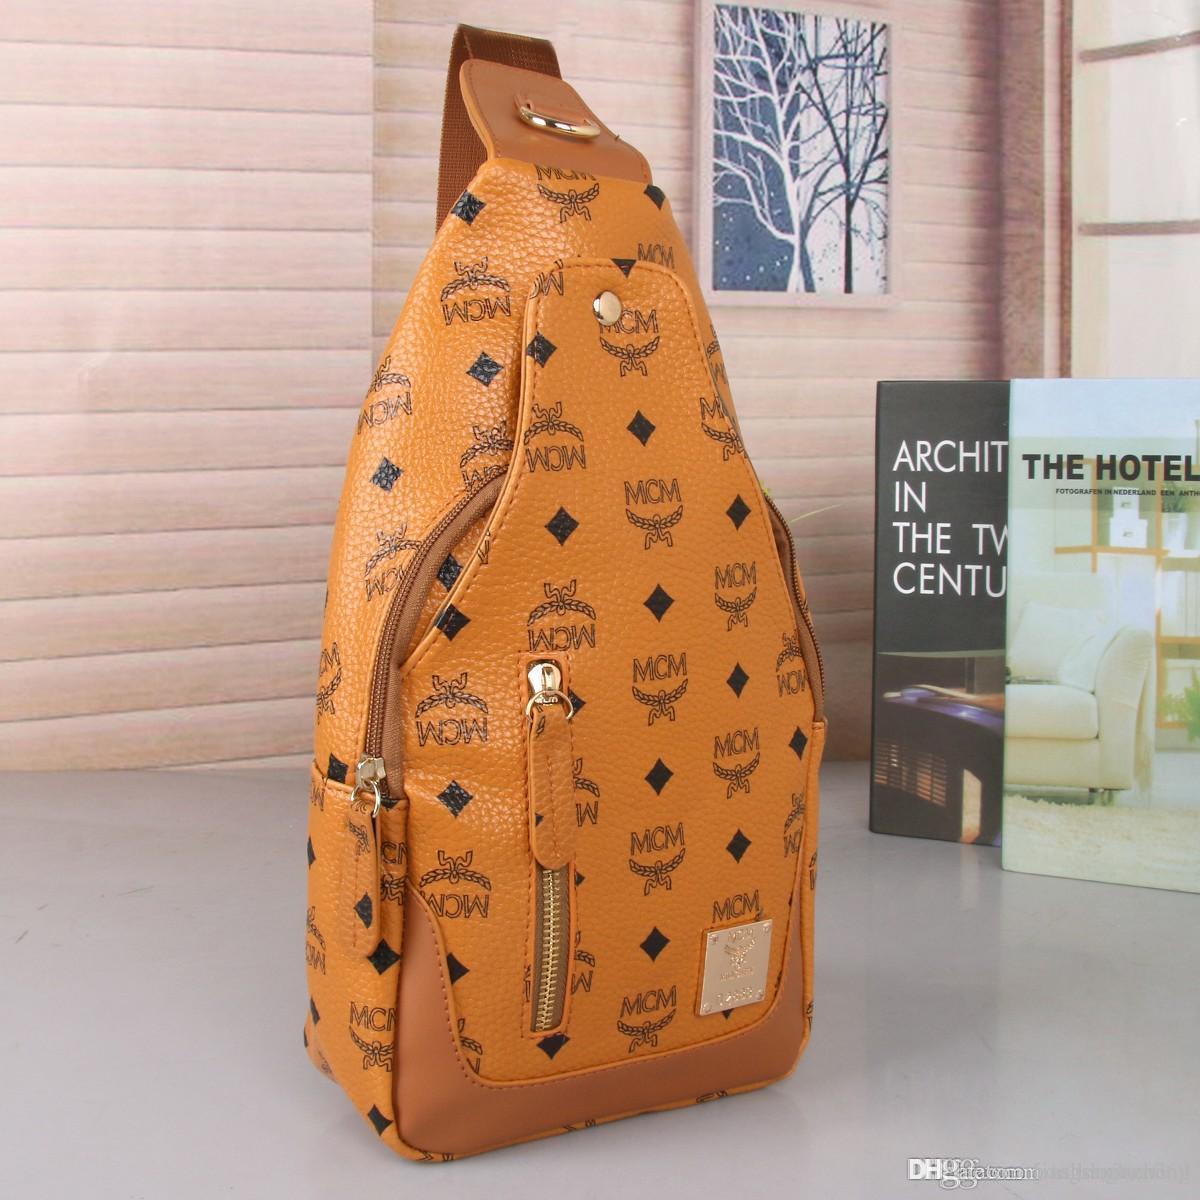 luxueux sacs à main rose sacs design de cuir PU marques célèbres femmes sacs épaule de mode sac fourre-tout crossbody 3 couleurs 2019 nouveau style